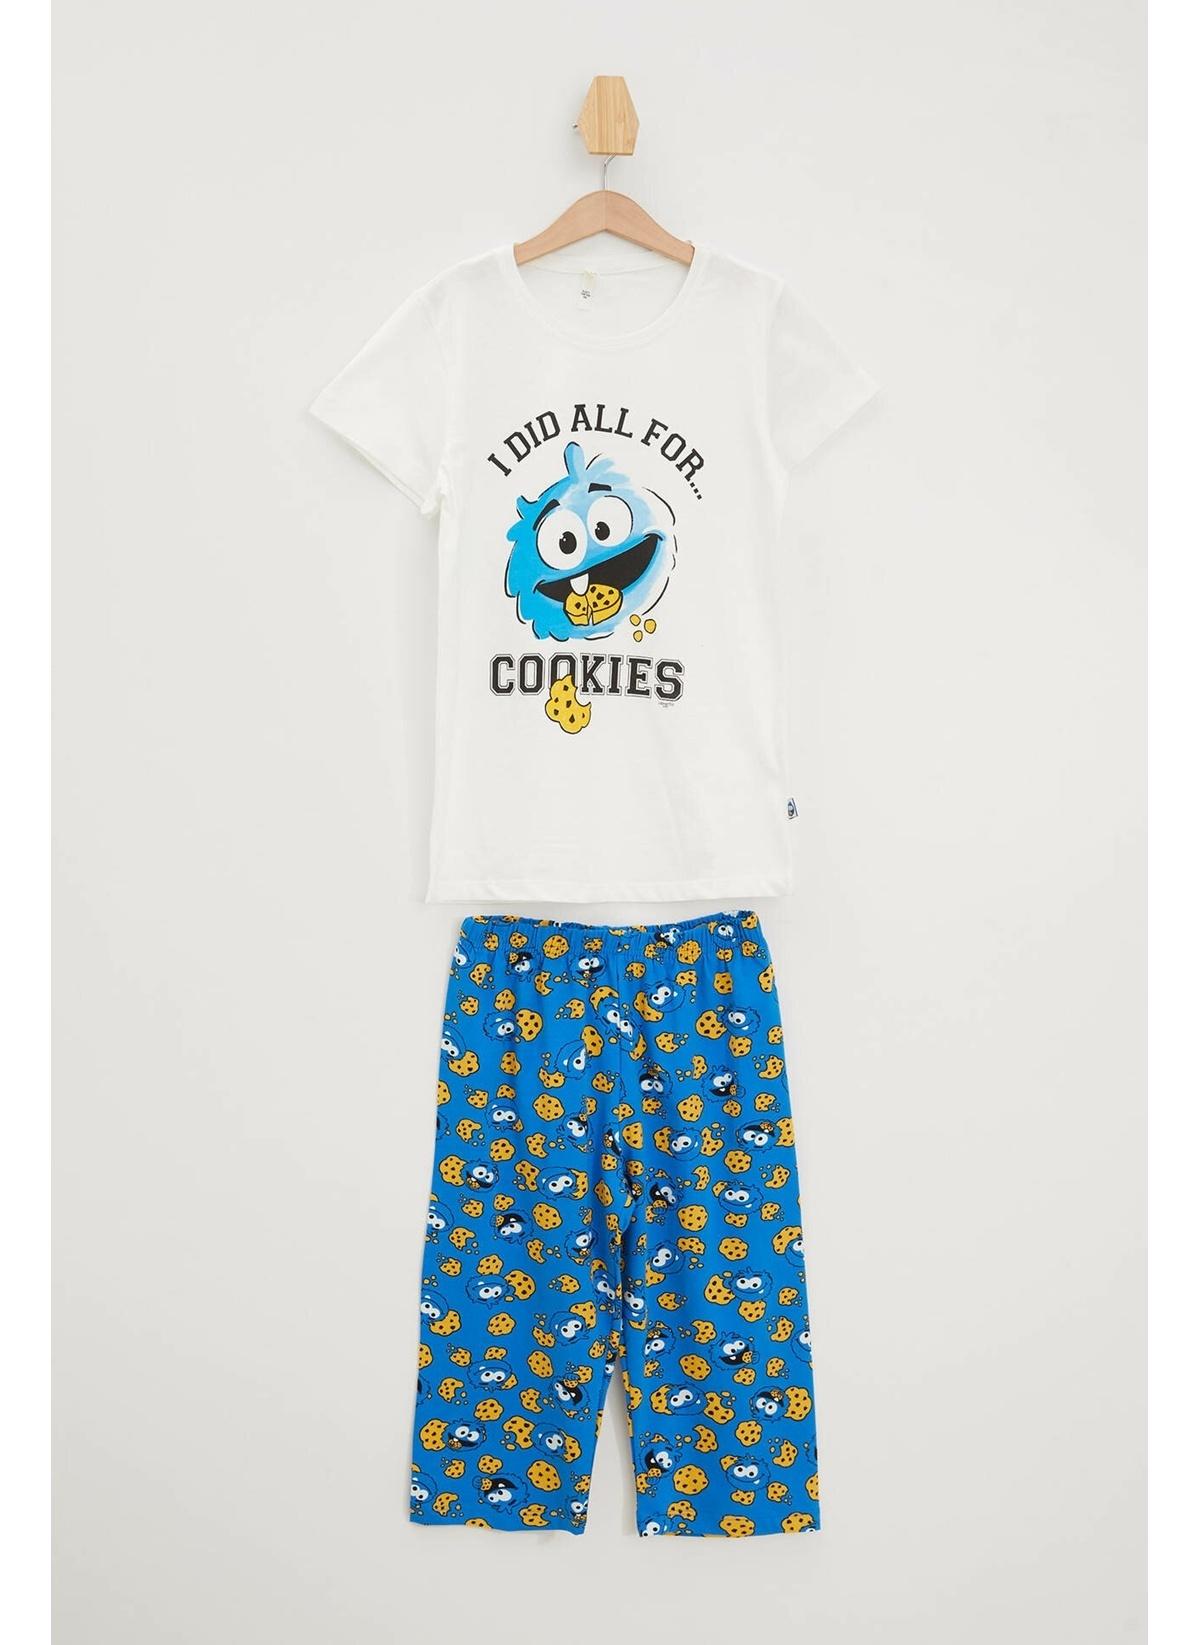 Defacto Pijama Takım L4869a619smwt1pijama – 59.99 TL